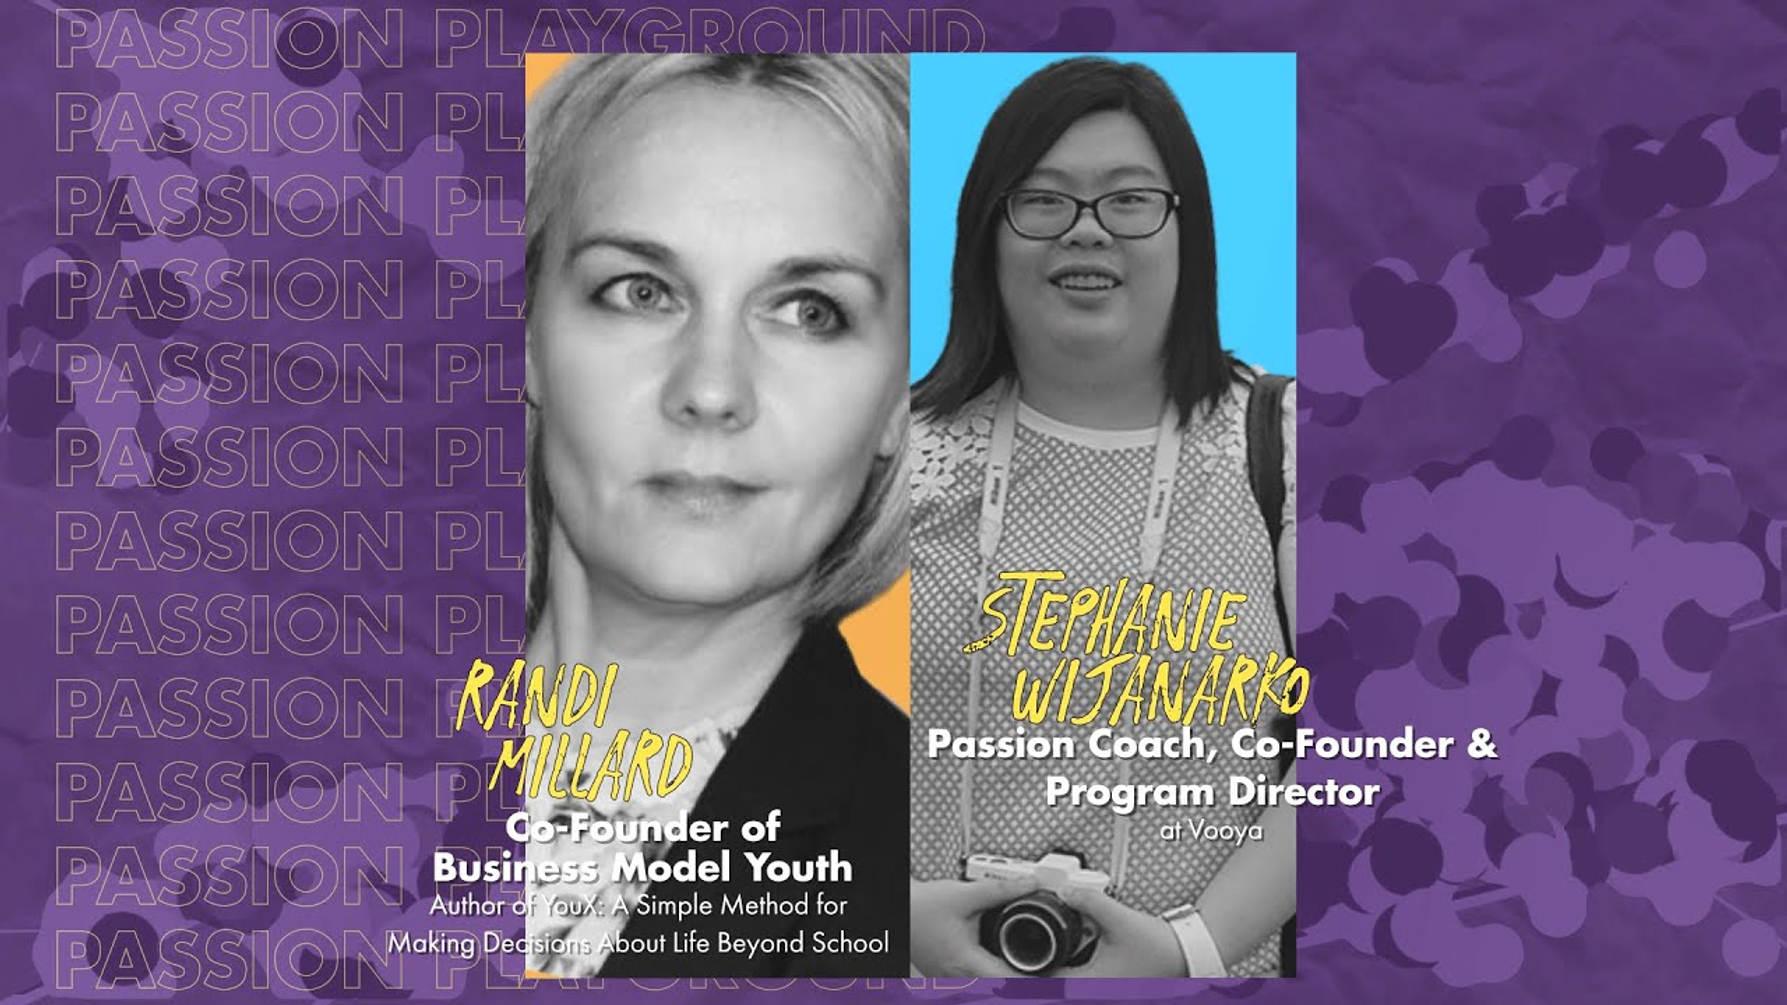 Passion Talks - Di Antara 3 Pilihan: Pilih Passion / Kejar Uang / Bangun Negara? (EDUCATION)